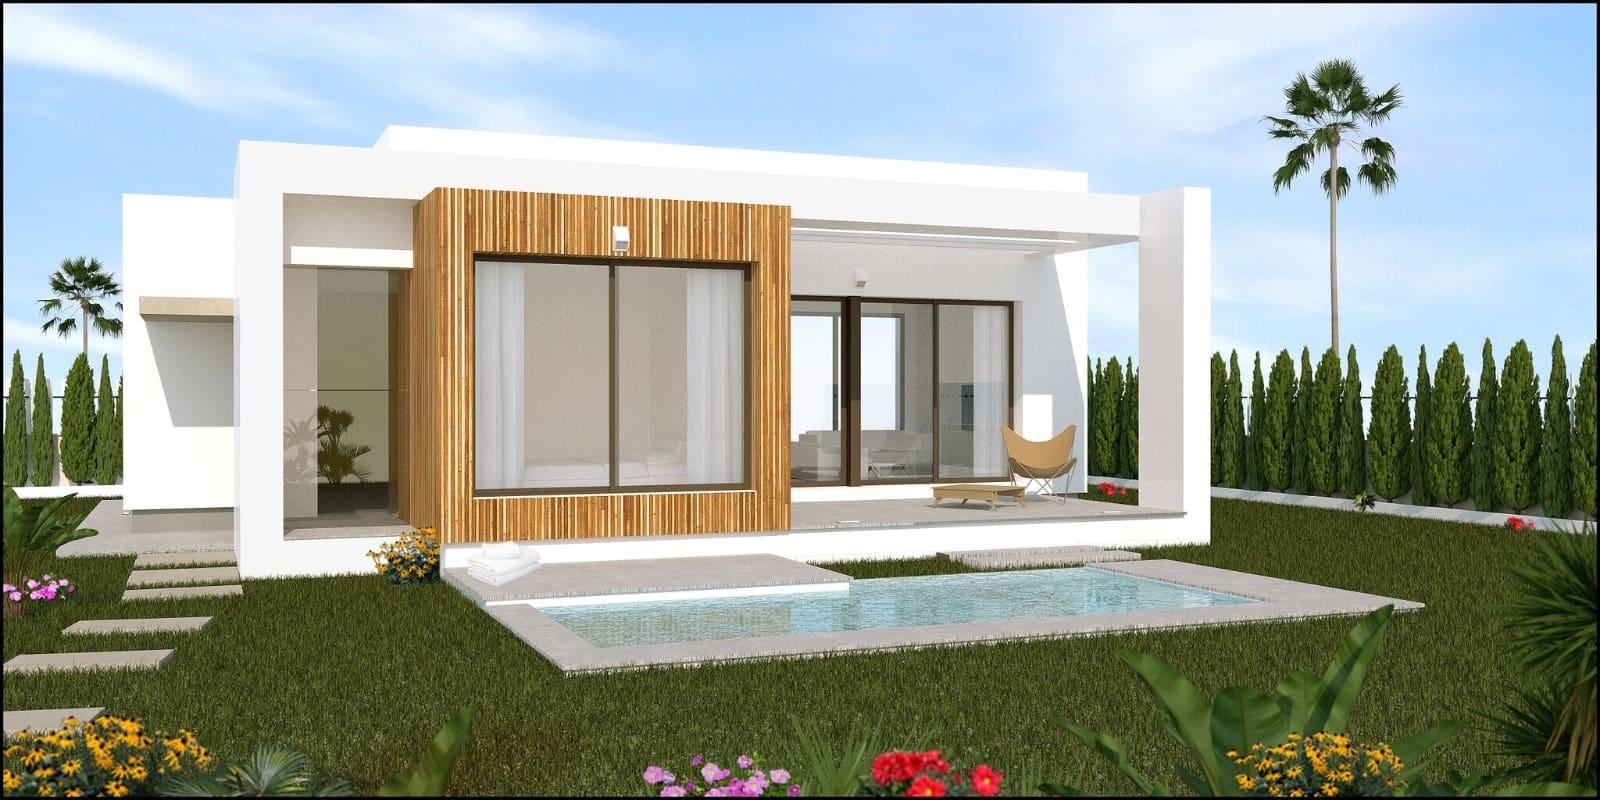 Chalet de 3 habitaciones en Los Montesinos en venta con piscina - 259.900 € (Ref: 3517436)